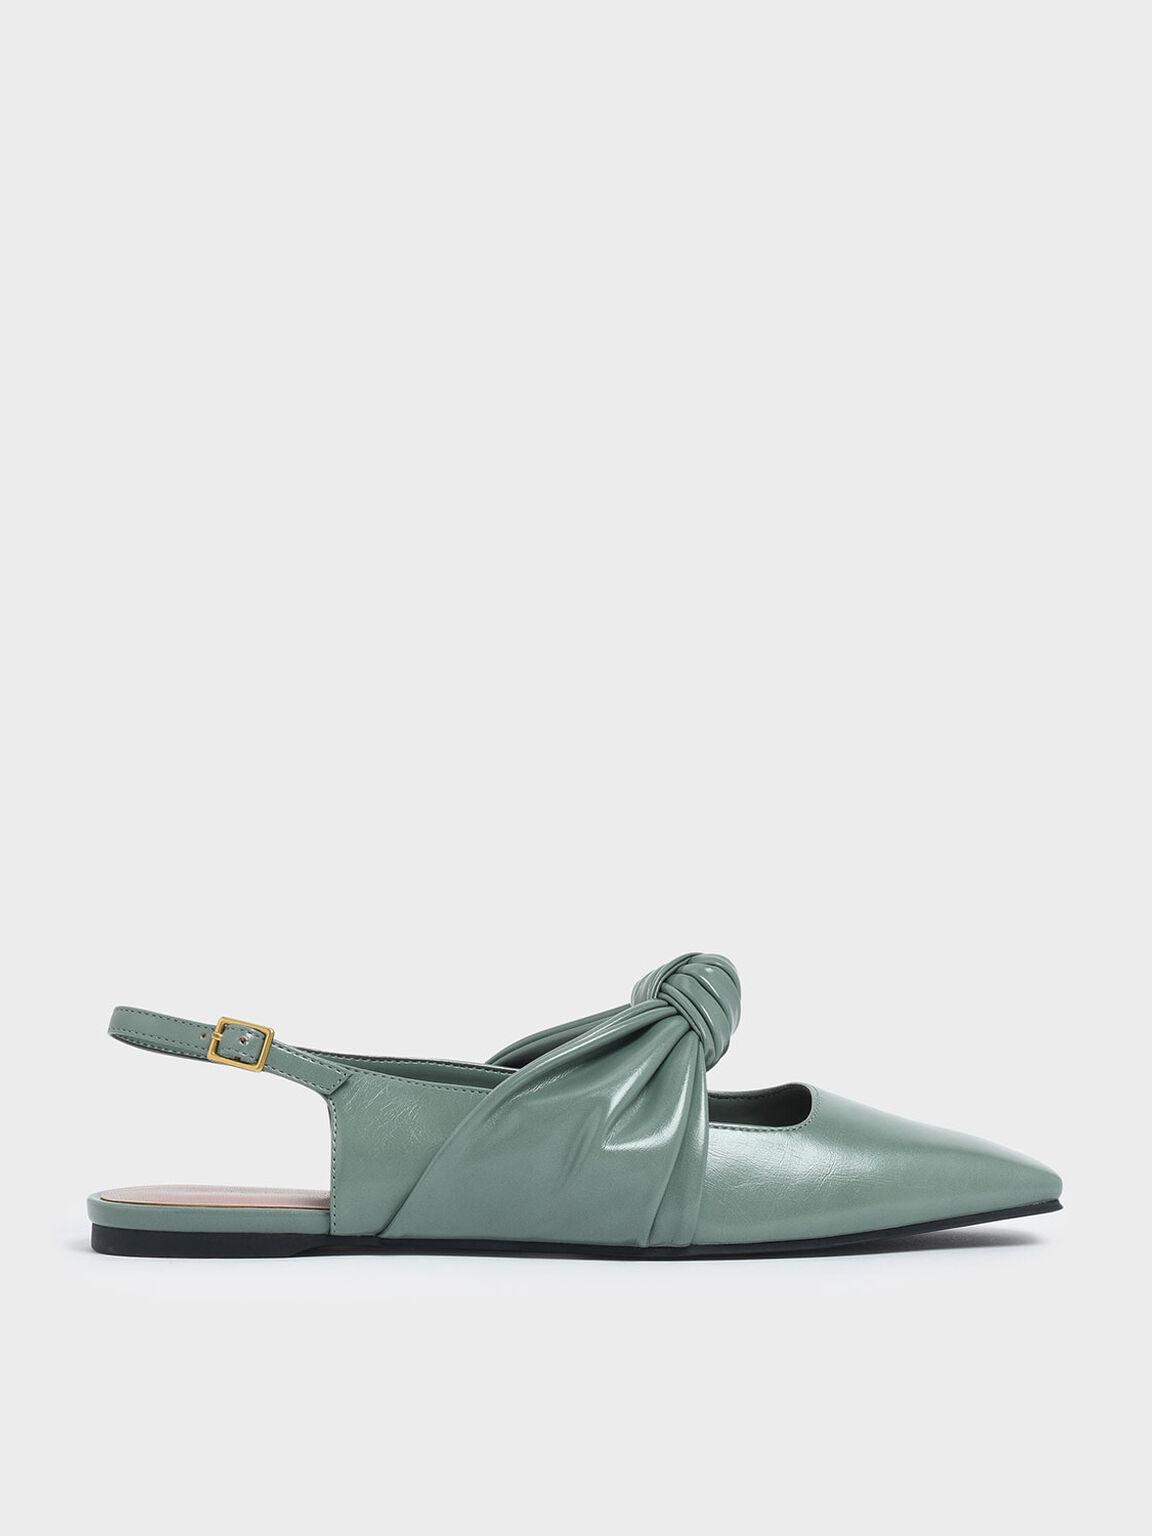 扭結平底鞋, 綠色, hi-res